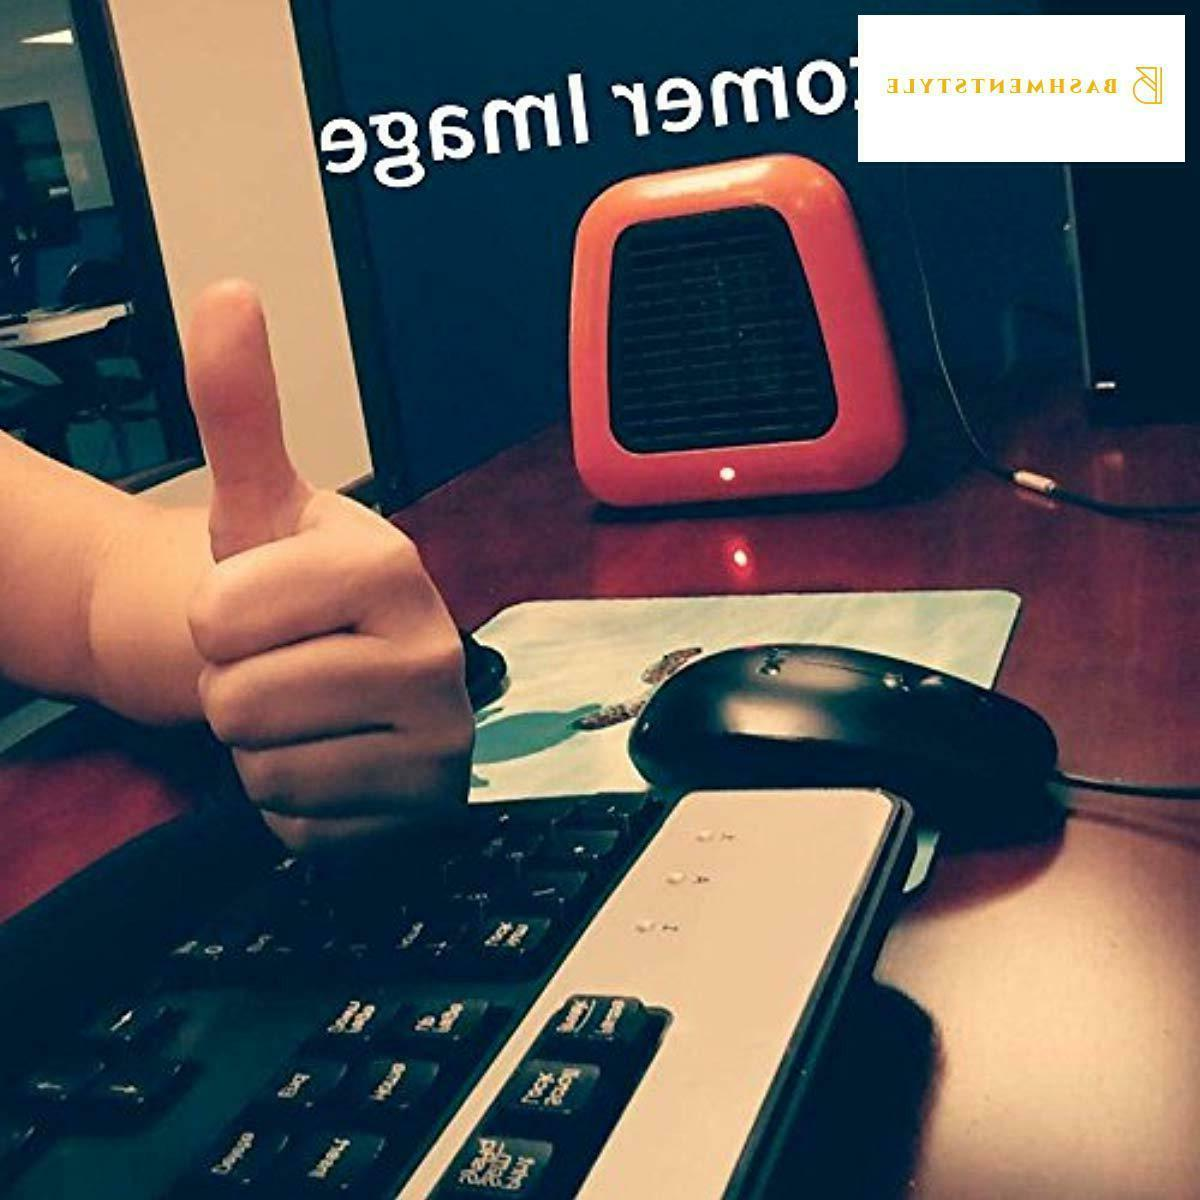 400-Watt Heater Ceramic Heater for Office Desktop